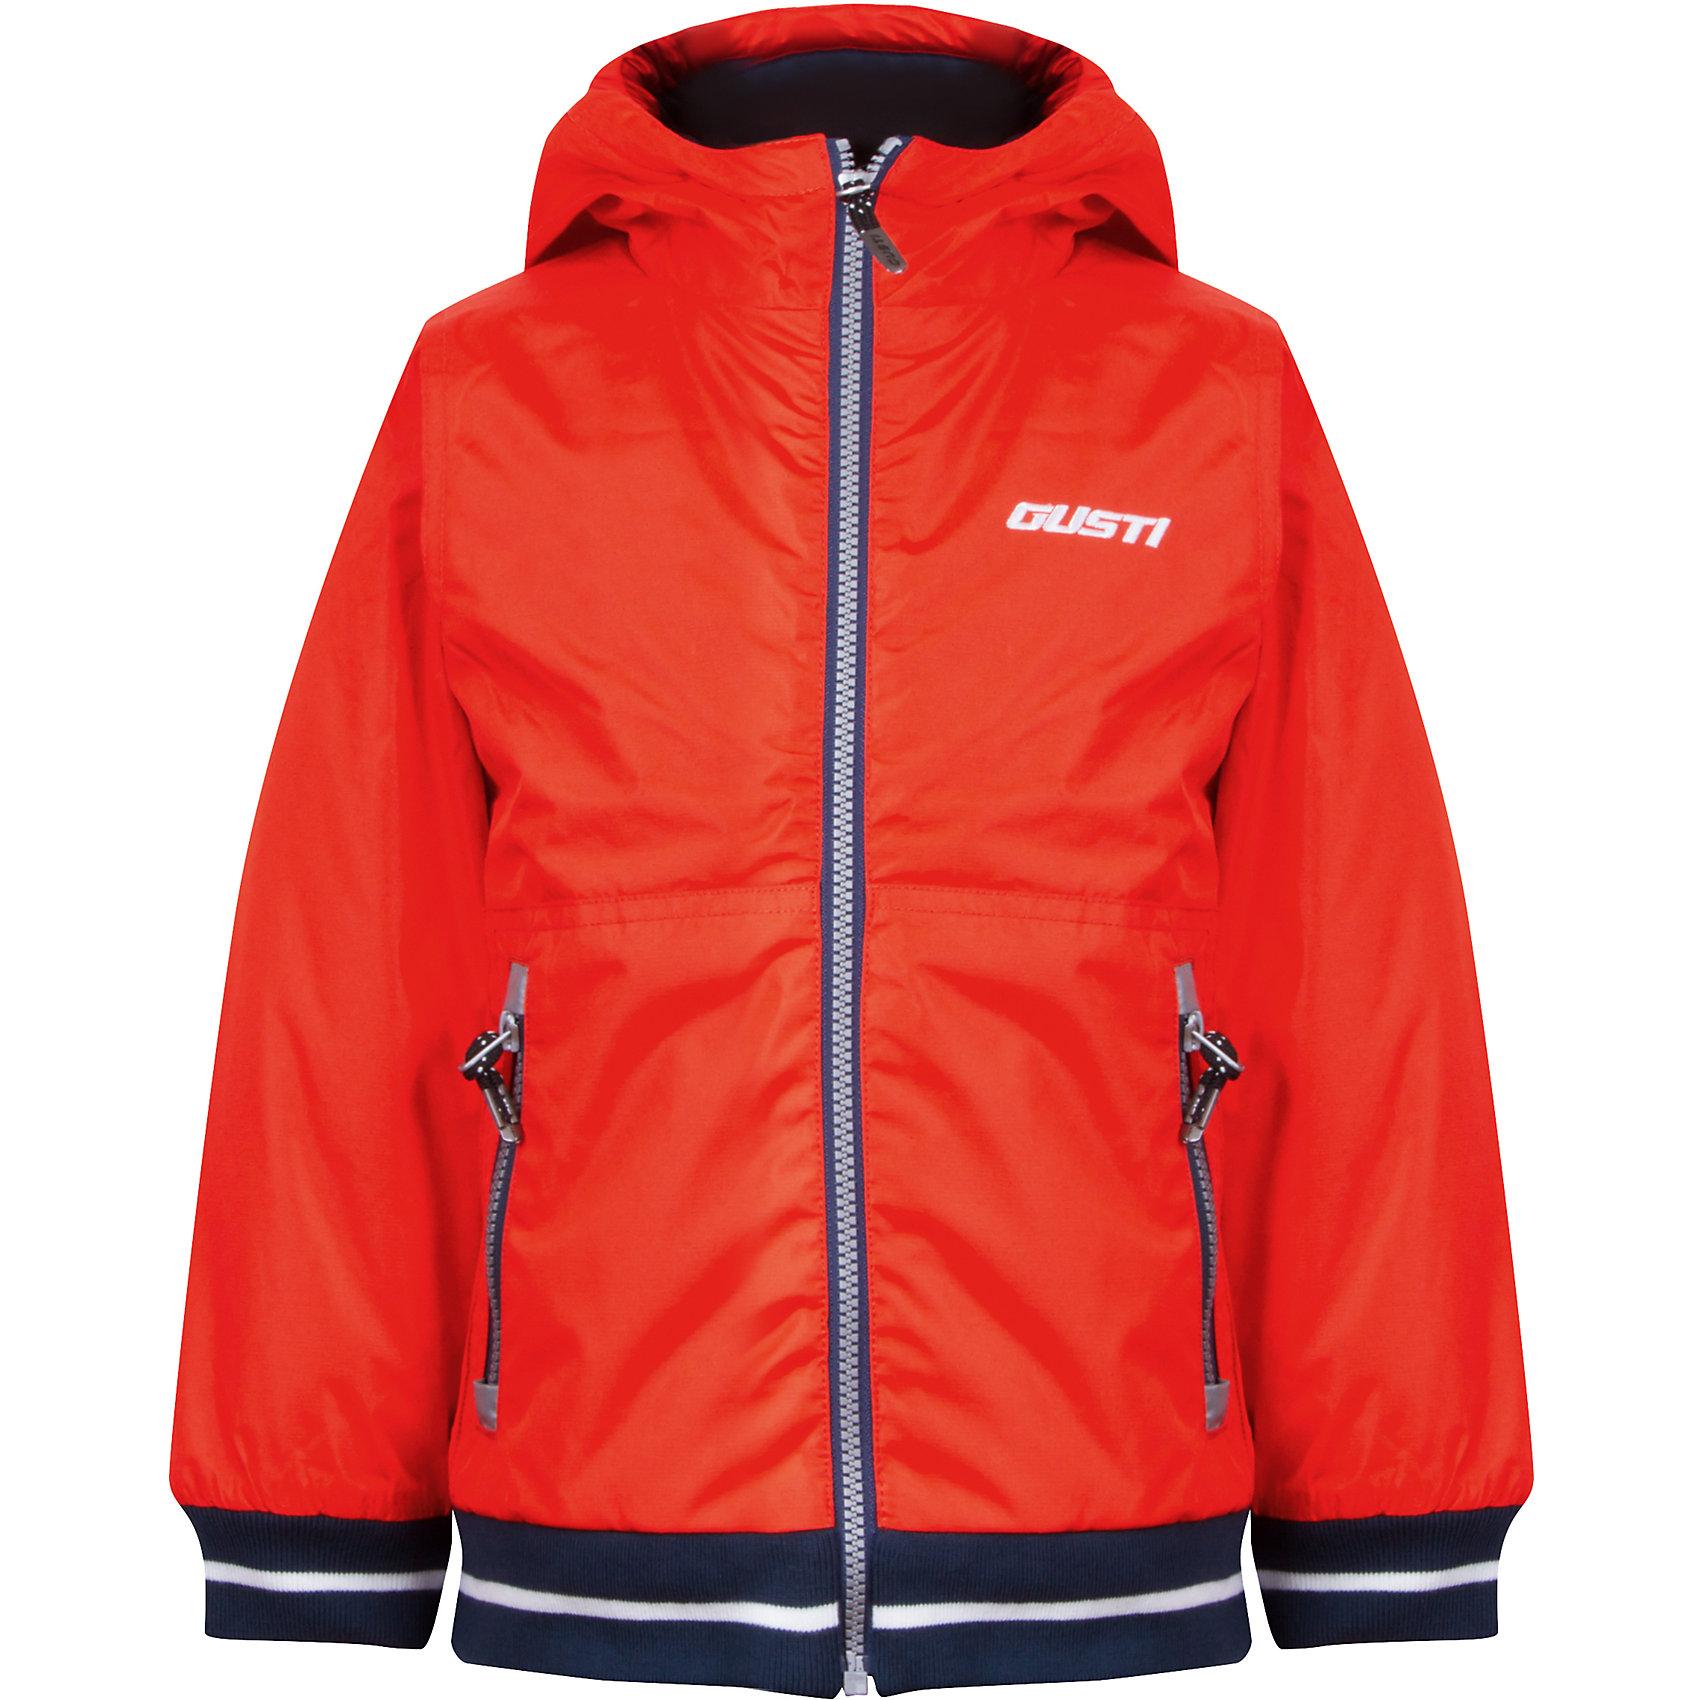 Куртка для мальчика GustiВерхняя одежда<br>Характеристики товара:<br><br>• цвет: оранжевый<br>• состав: 100% полиэстер, полиуретановое покрытие, подкладка - 100% полиэстер<br>• наполнитель: 100 гр teck polifill<br>• температурный режим: от +5° С до +15° С<br>• водонепроницаемый материал<br>• капюшон<br>• карманы<br>• водонепроницаемость: 2000 мм<br>• паропроницаемость: 2000 г/м2<br>• комфортная посадка<br>• светоотражающие элементы<br>• молния<br>• подкладка: таффета<br>• демисезонная<br>• страна бренда: Канада<br><br>Эта демисезонная куртка с мембранной технологией поможет обеспечить ребенку комфорт и тепло. Изделие удобно садится по фигуре, отлично смотрится с различным низом и обувью. Куртка модно выглядит, она хорошо защищает от ветра и влаги. Материал отлично подходит для дождливой погоды. Стильный дизайн разрабатывался специально для детей.<br><br>Куртку для мальчика от известного бренда Gusti (Густи) можно купить в нашем интернет-магазине.<br><br>Ширина мм: 356<br>Глубина мм: 10<br>Высота мм: 245<br>Вес г: 519<br>Цвет: оранжевый<br>Возраст от месяцев: 18<br>Возраст до месяцев: 24<br>Пол: Мужской<br>Возраст: Детский<br>Размер: 90,80,128,122,120,116,110,104,100,98,92,86<br>SKU: 5452389